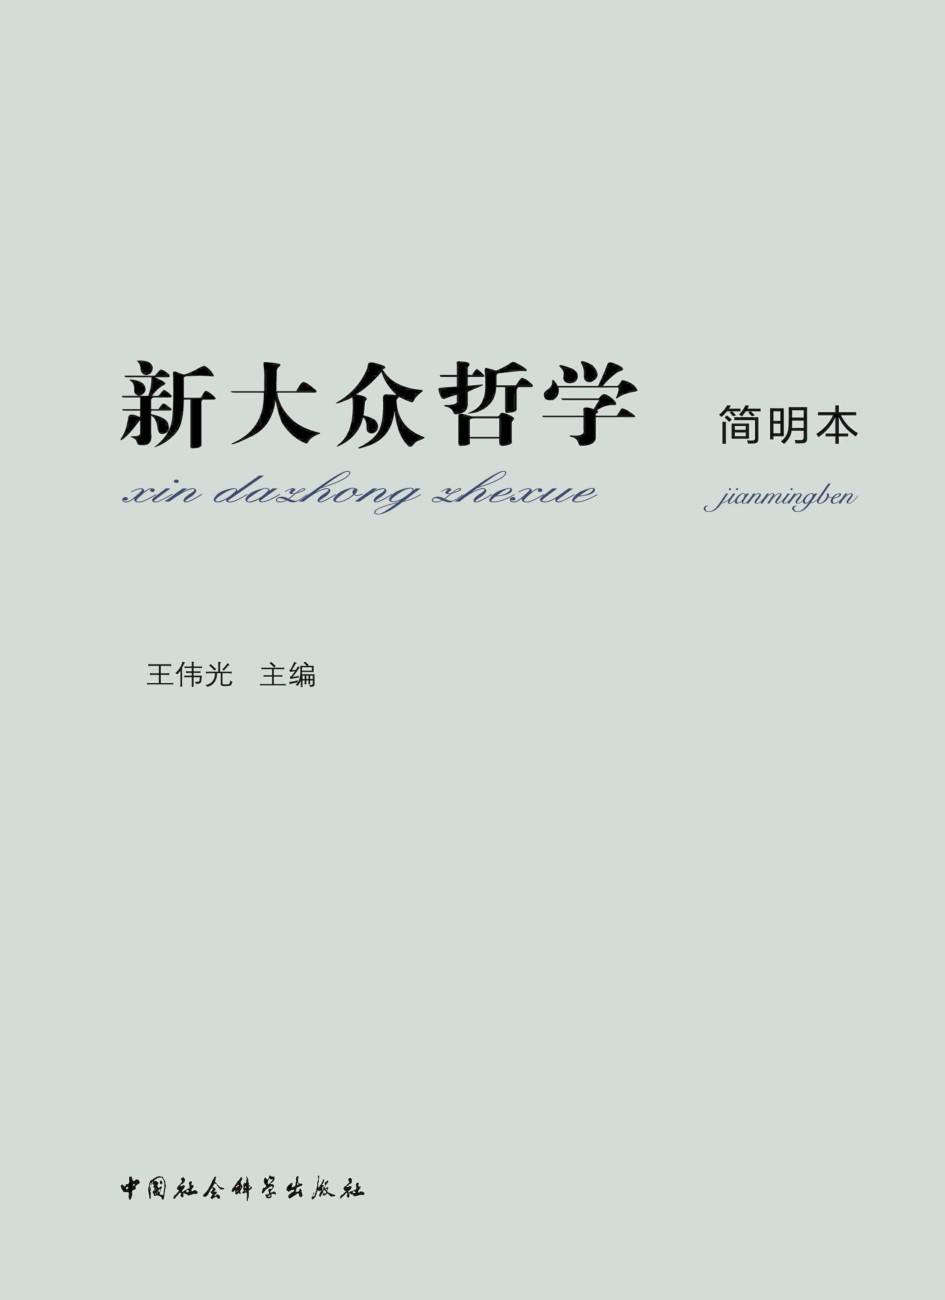 新大众哲学出手:简明本